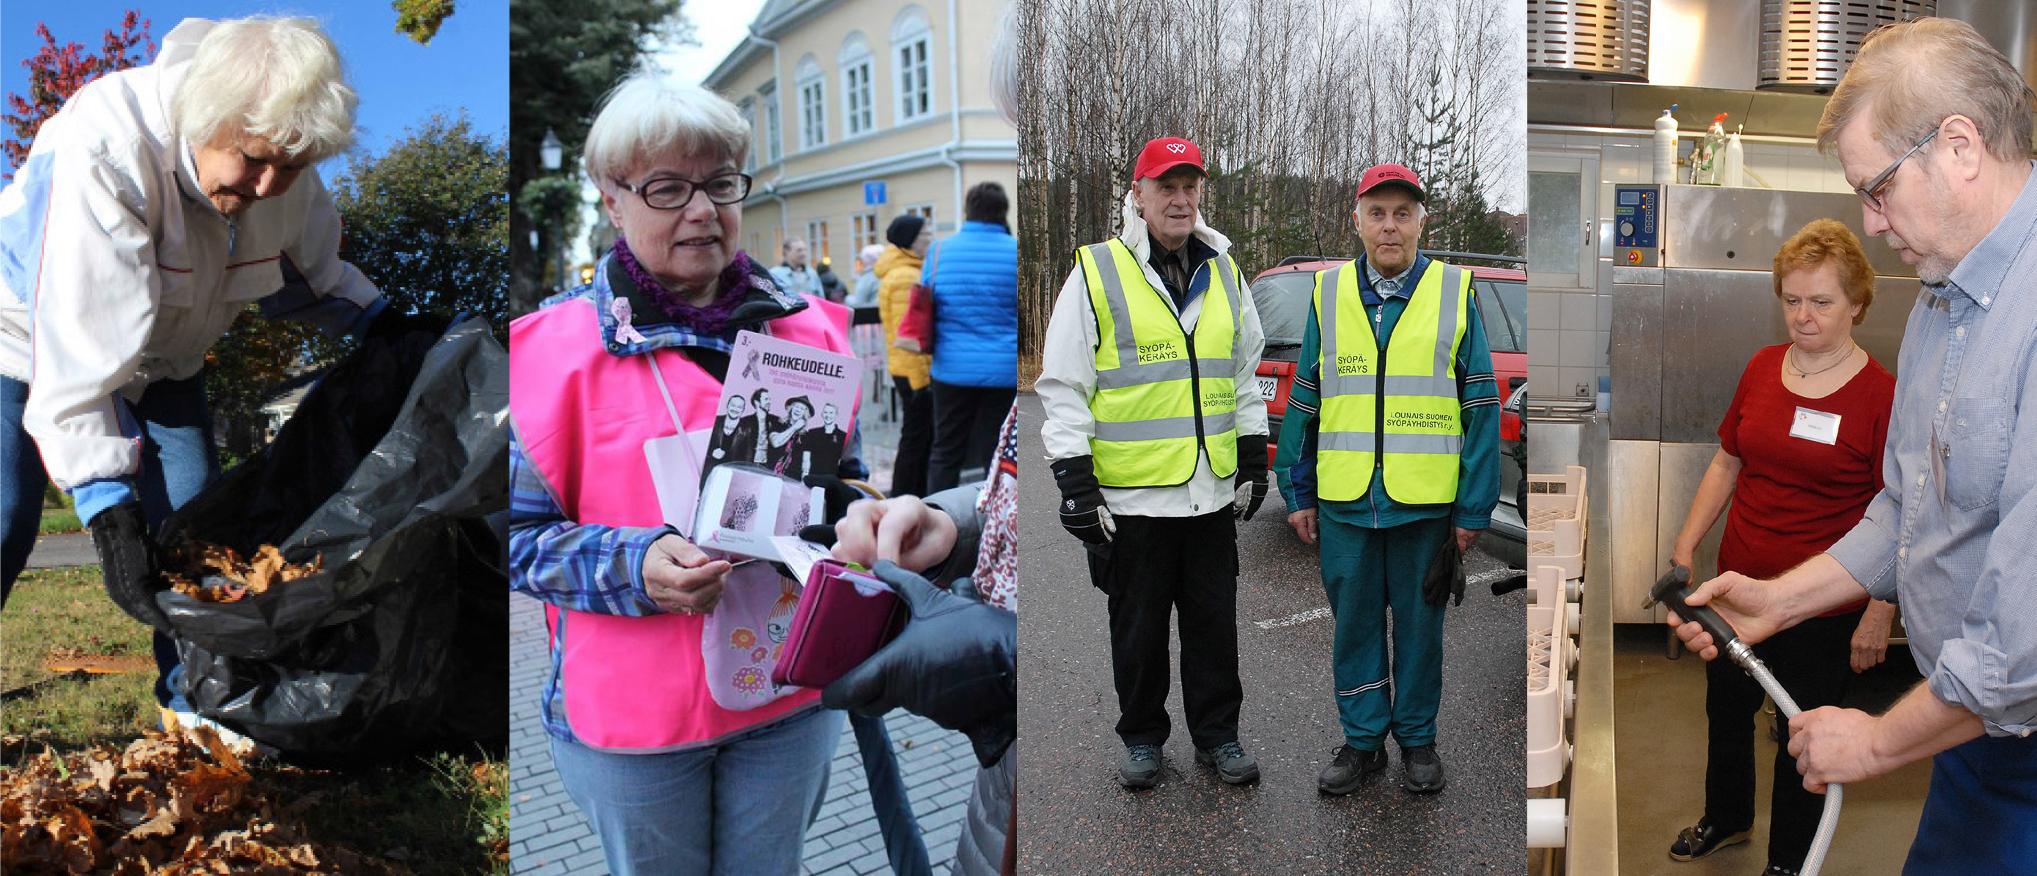 Joukko vapaaehtoisia työskentelee. Yksi heistä kerää haravoimiaan lehtiä, yksi myy Roosa nauhoja, kaksi toimivat liikenteenohjaajina ja kaksi tiskaaavat astioita.